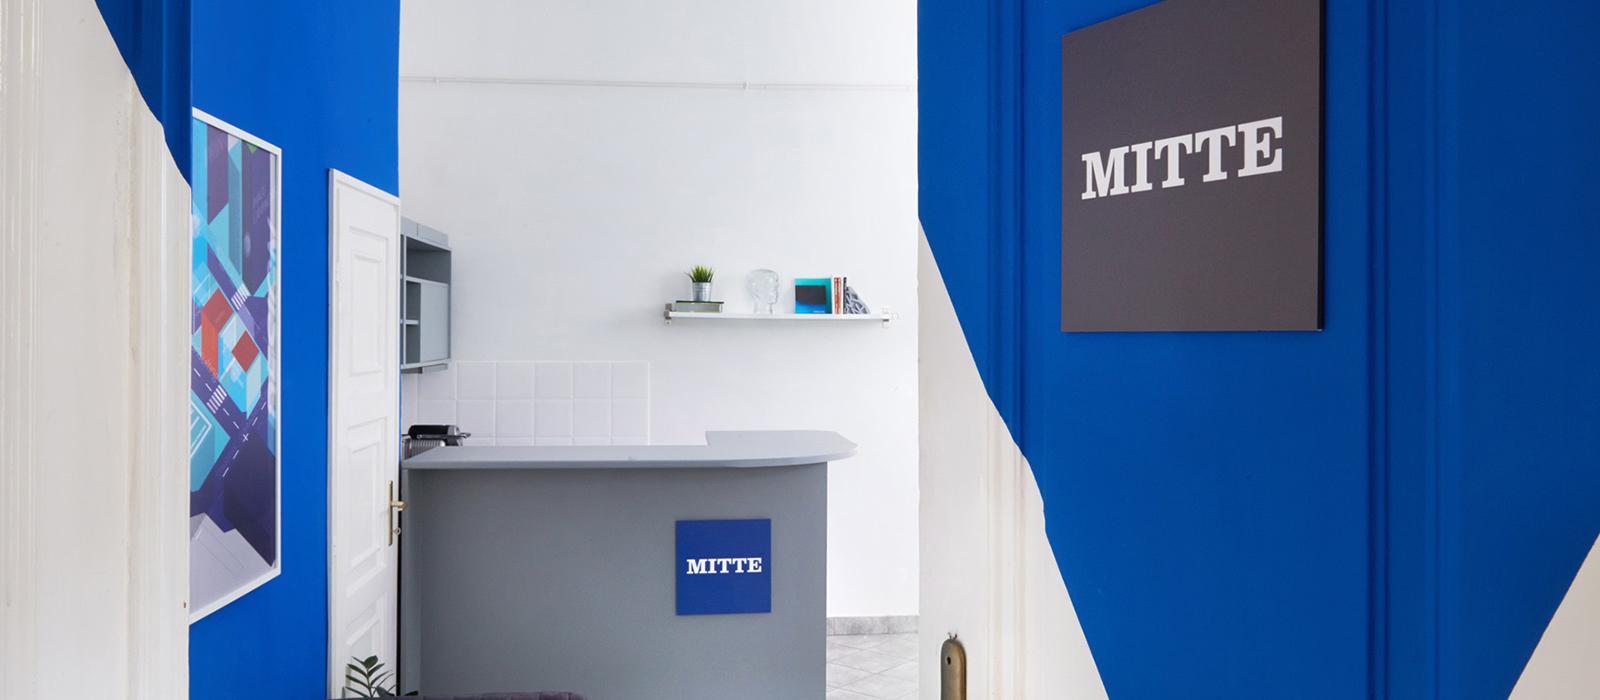 Új szolgáltatásokkal és színes ügyfélkörrel kezdi a 2014-es évet a Mitte Communications